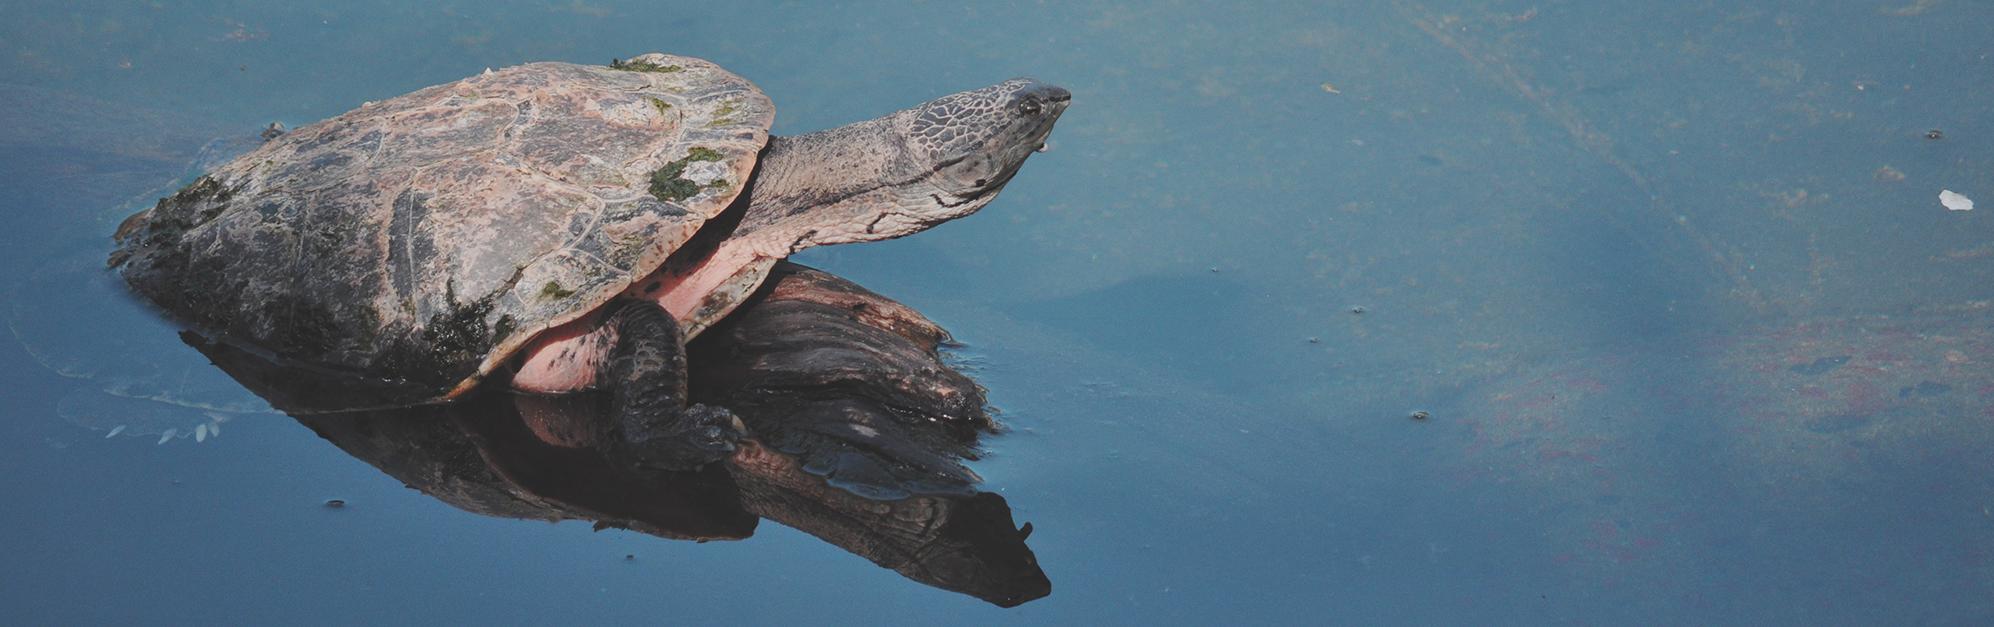 Turtle-pond